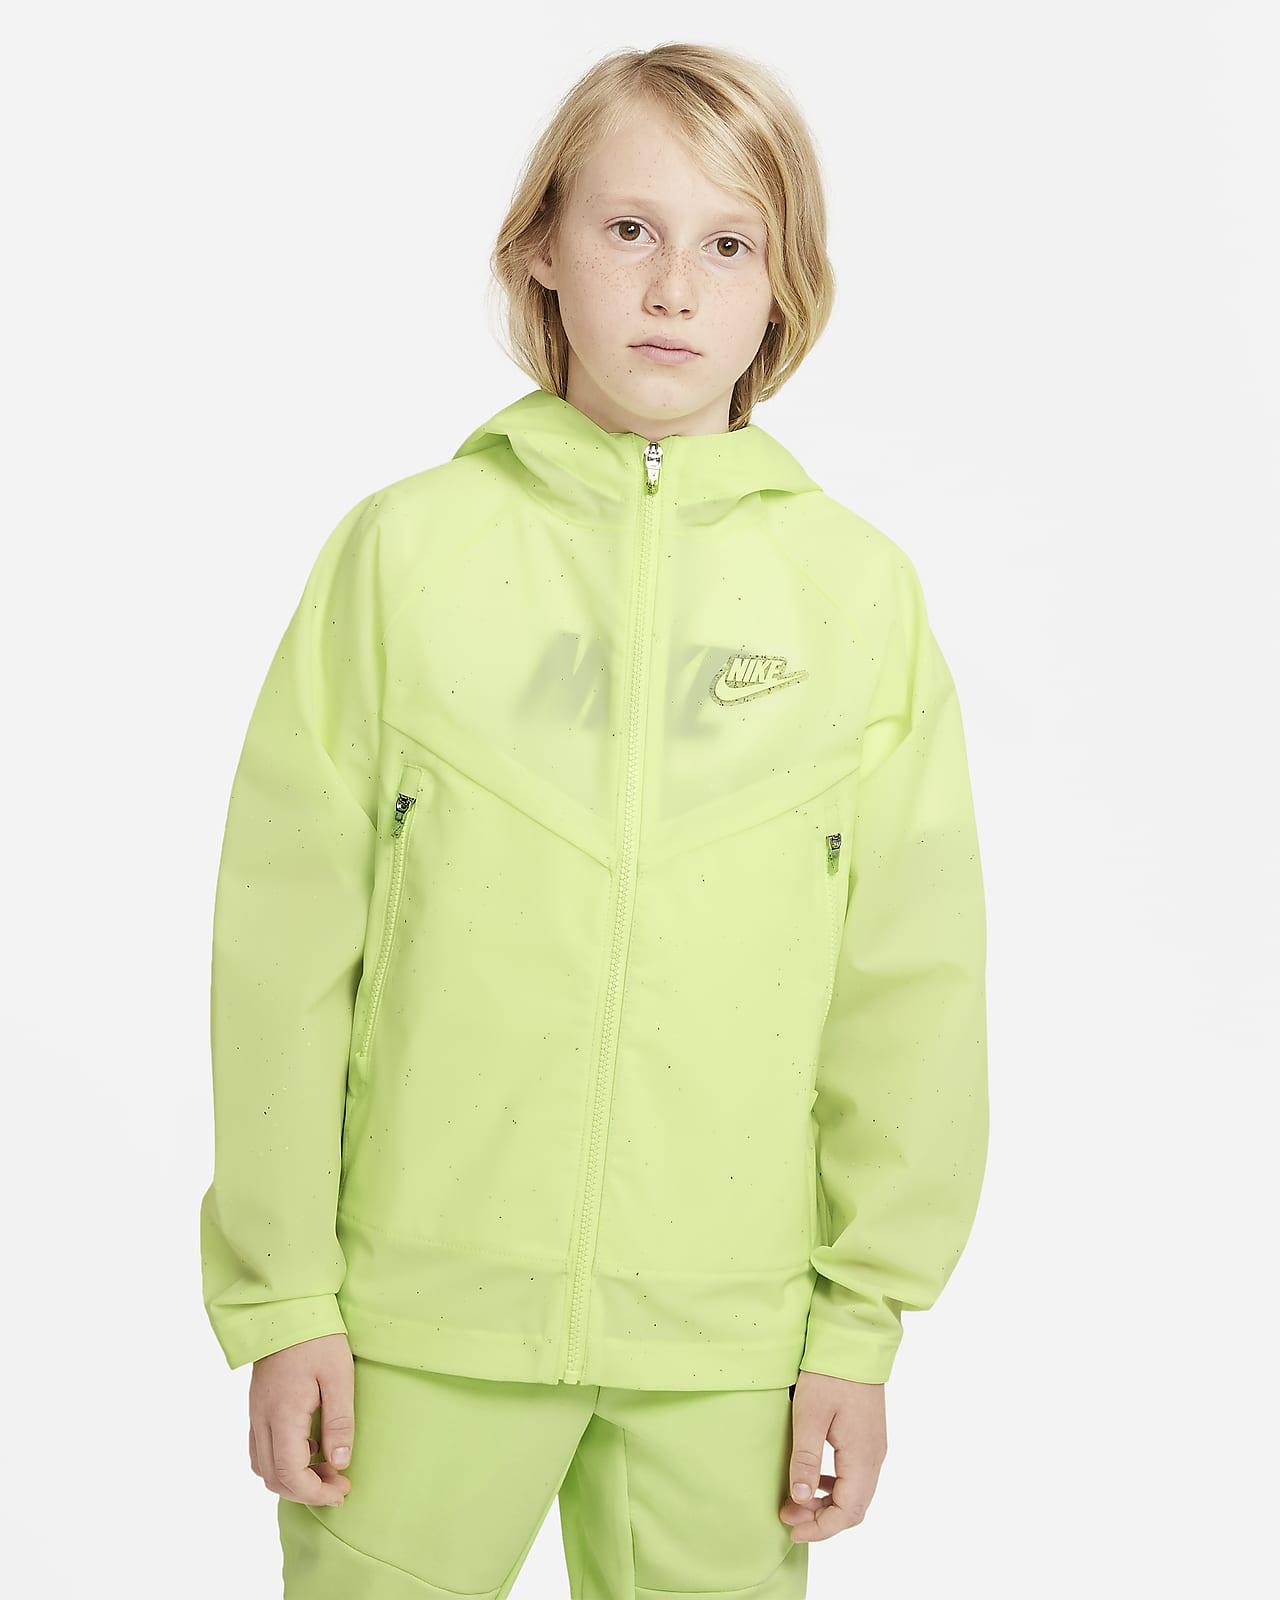 Nike Sportswear Windrunner Zero Big Kids' Hooded Jacket